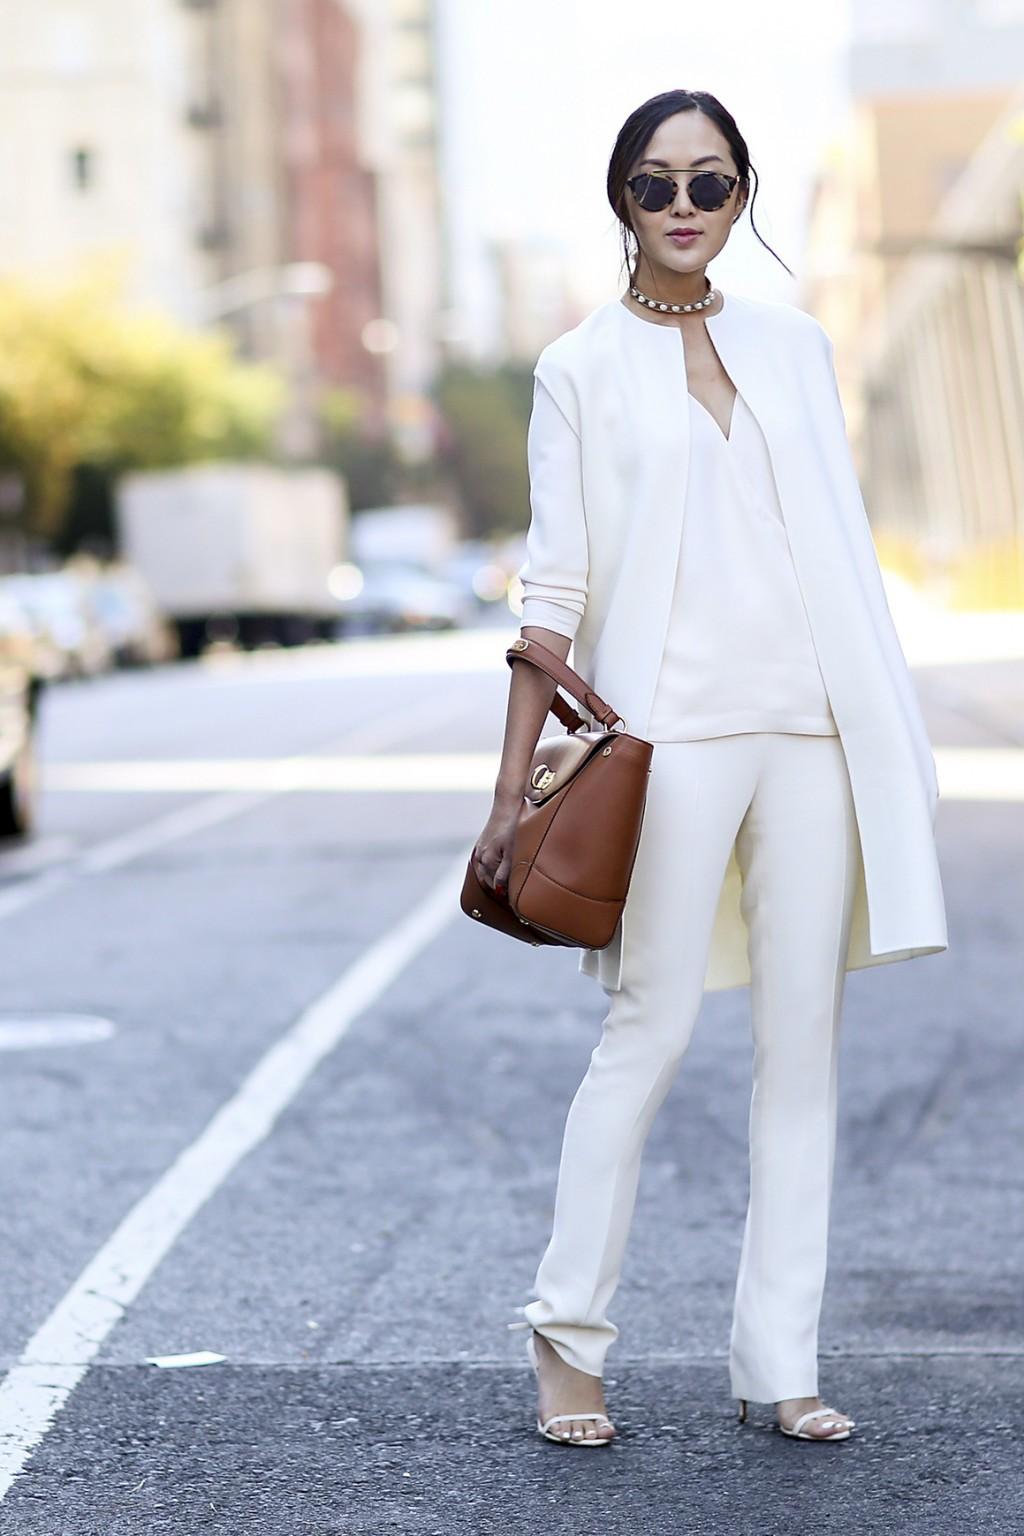 phong cách thời trang tinh tế cùng sắc trắng đen 1